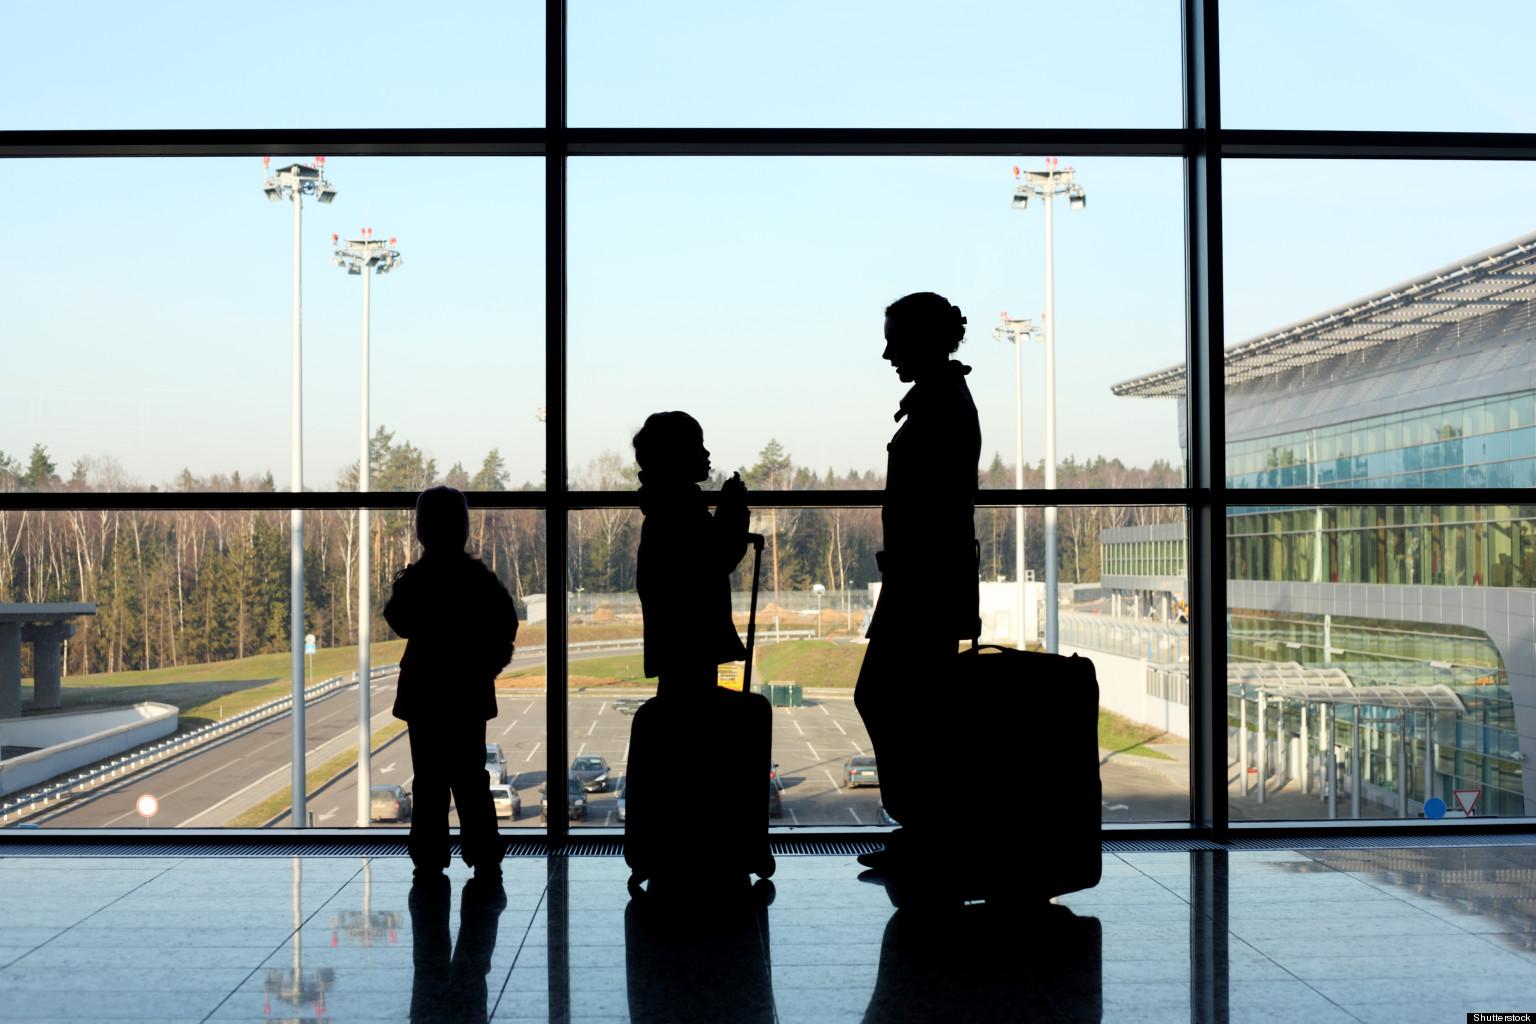 Sanskrit Of The Vedas Vs Modern Sanskrit: The 10 Best Airports For Kids, According To Travelnerd